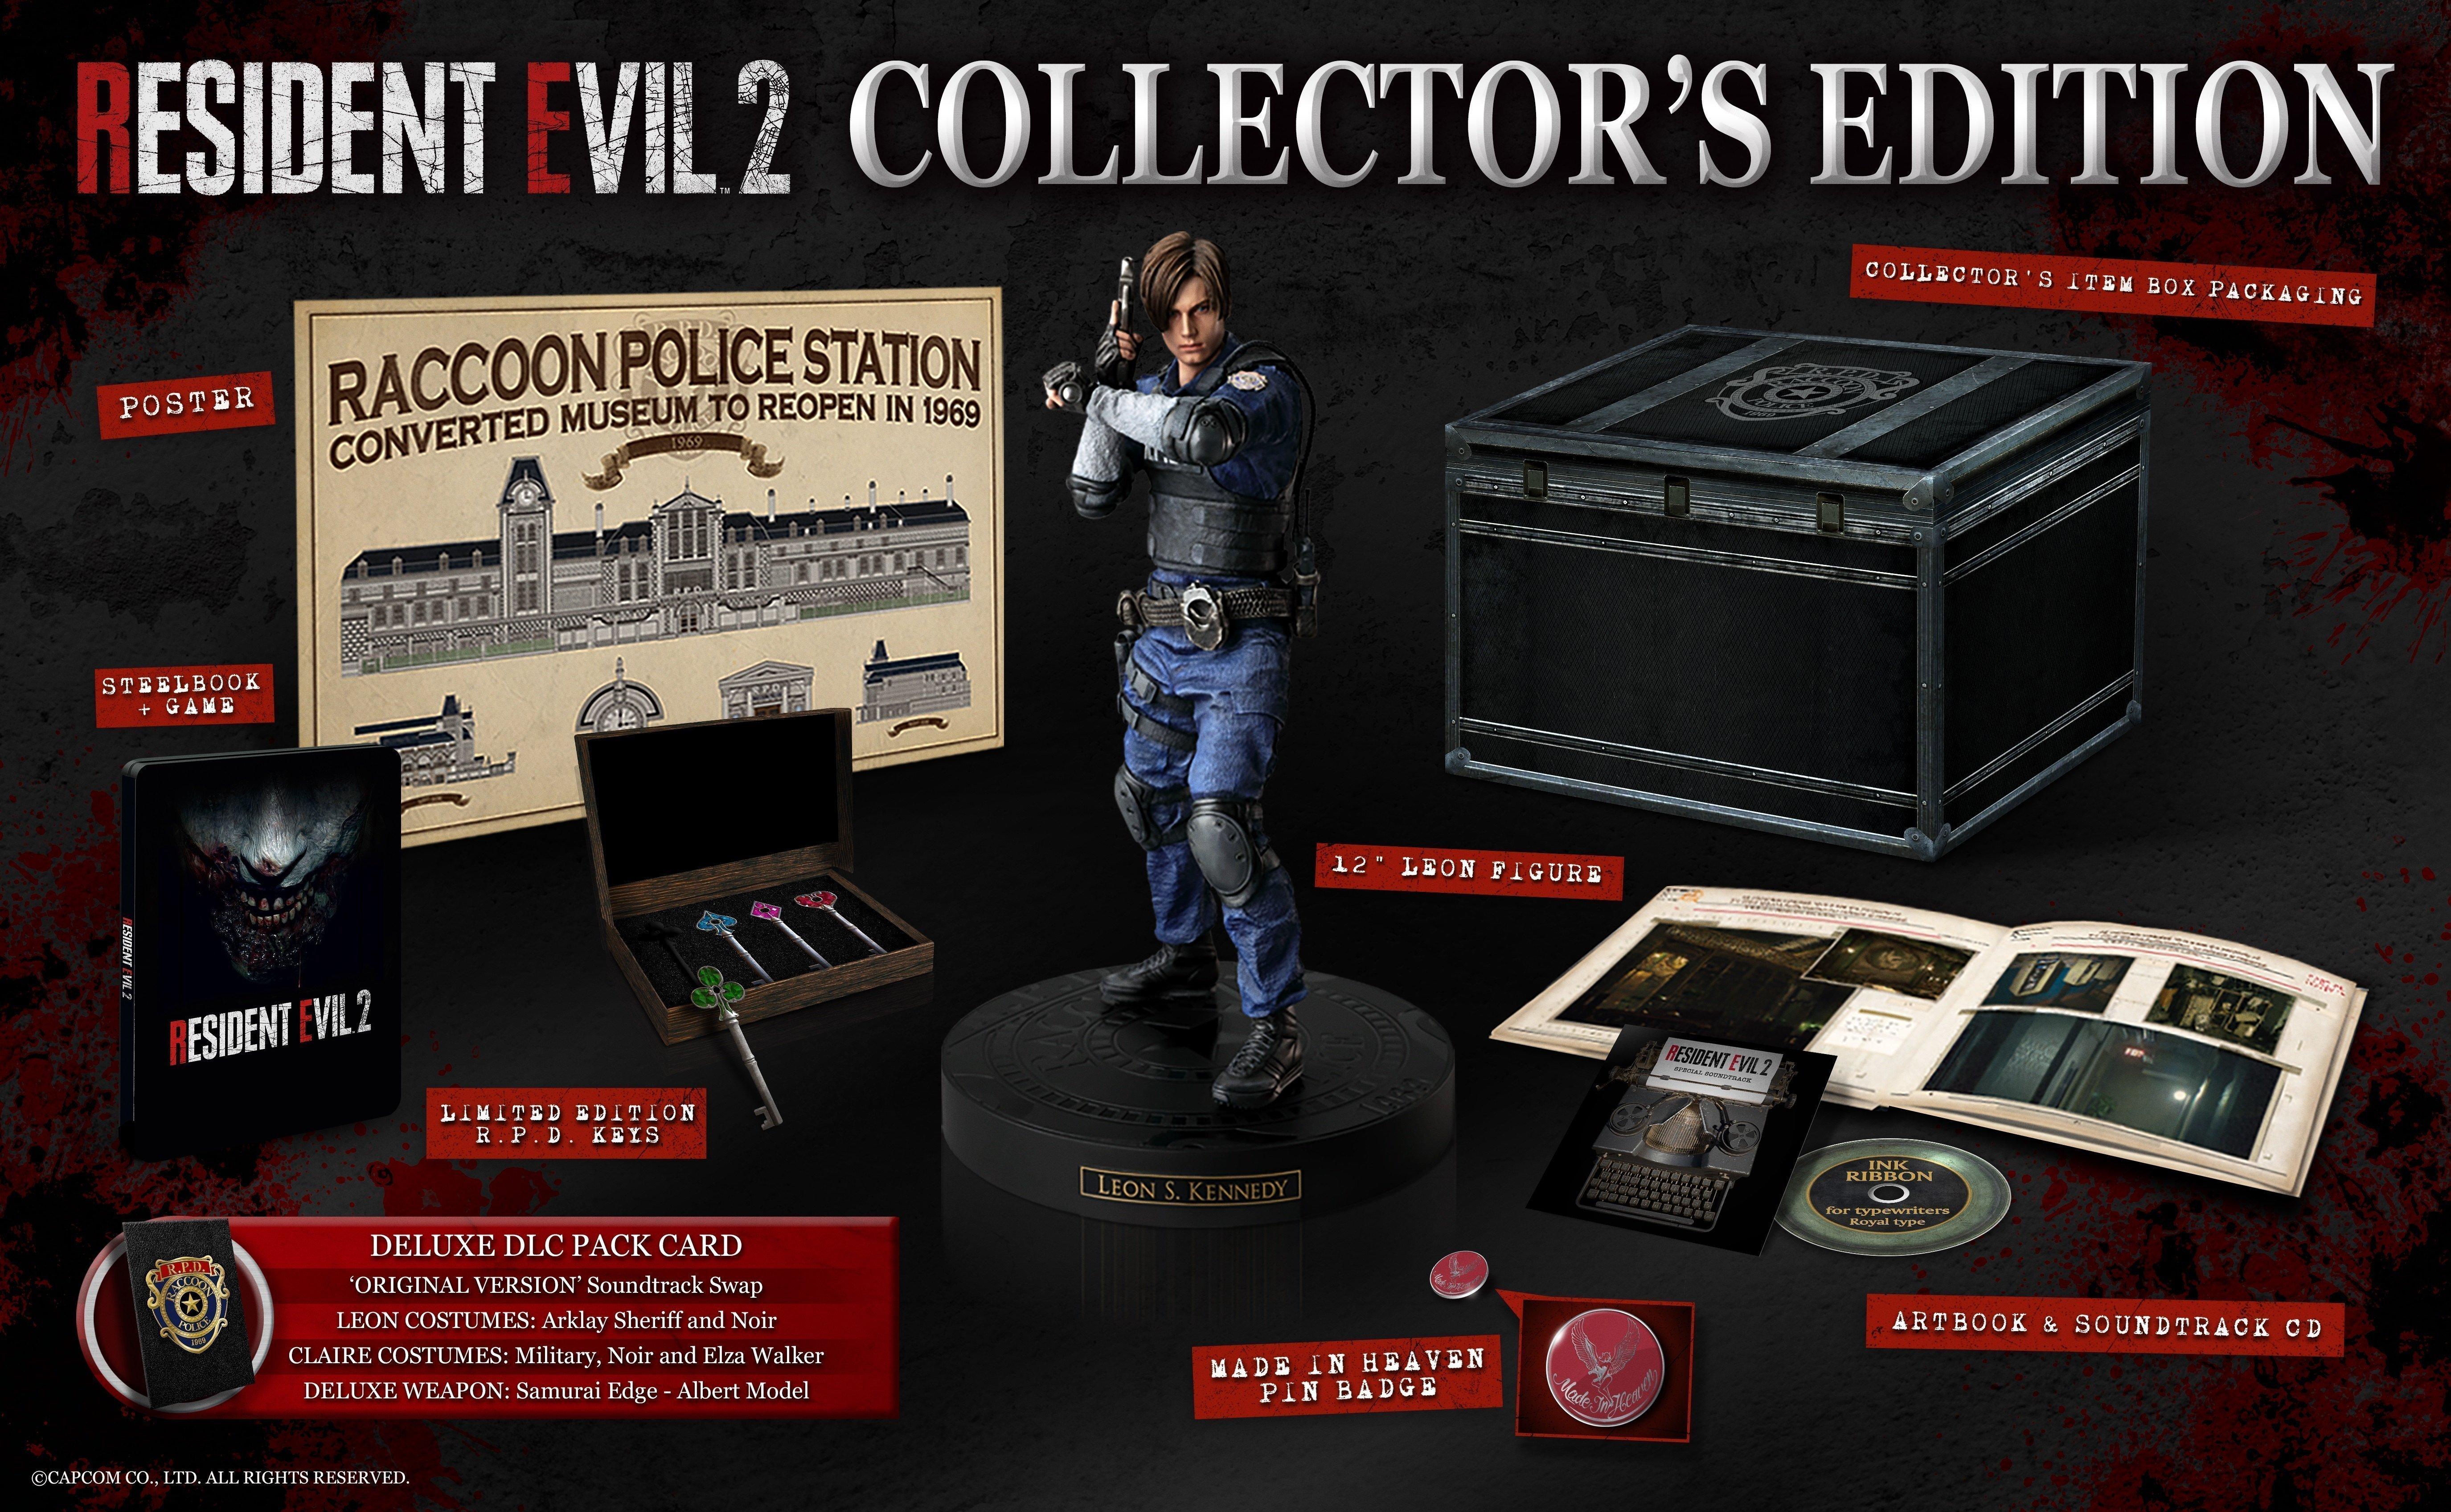 Resident_Evil_2_Special_Edition_Packshot_1534348036.jpg